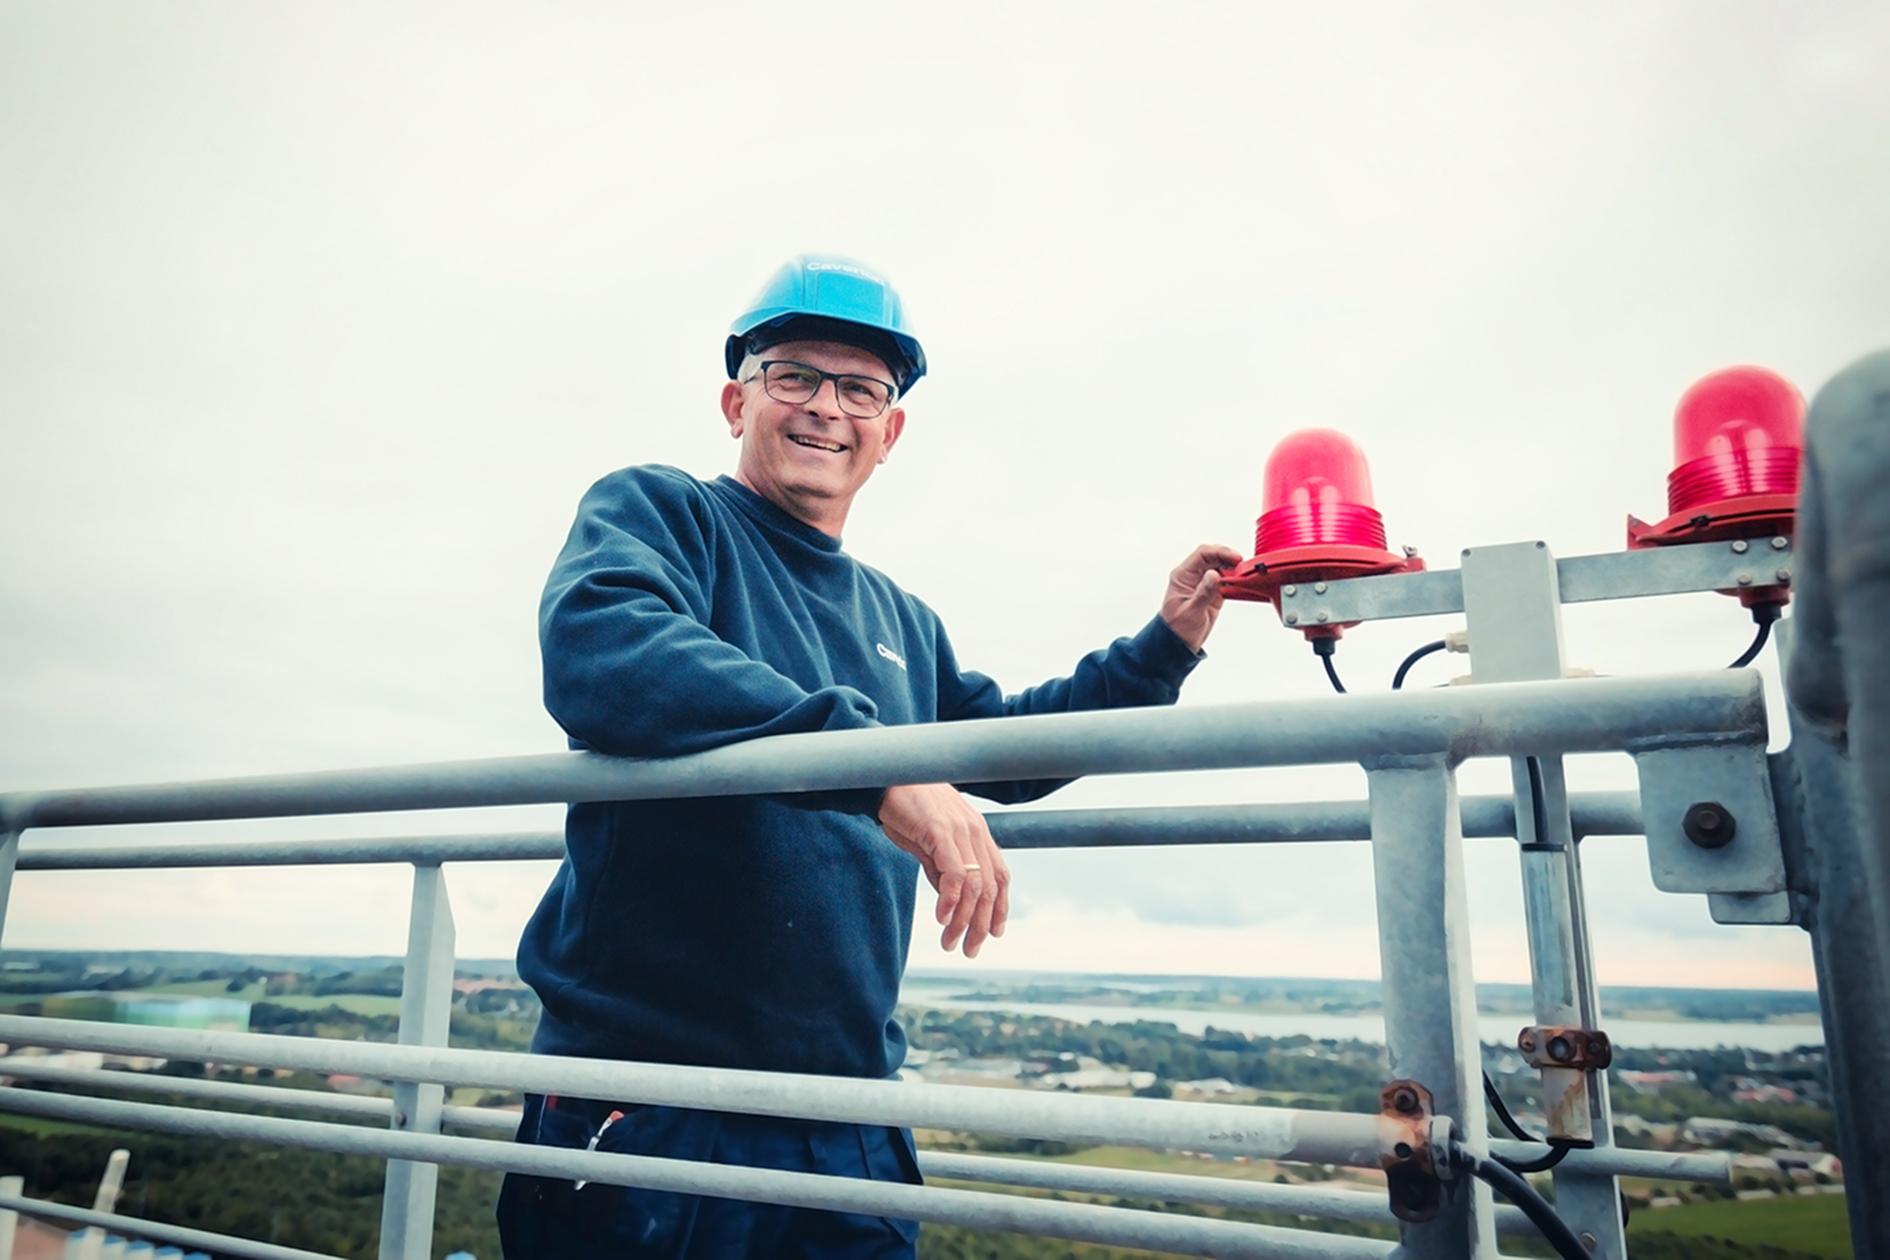 crane worker-2